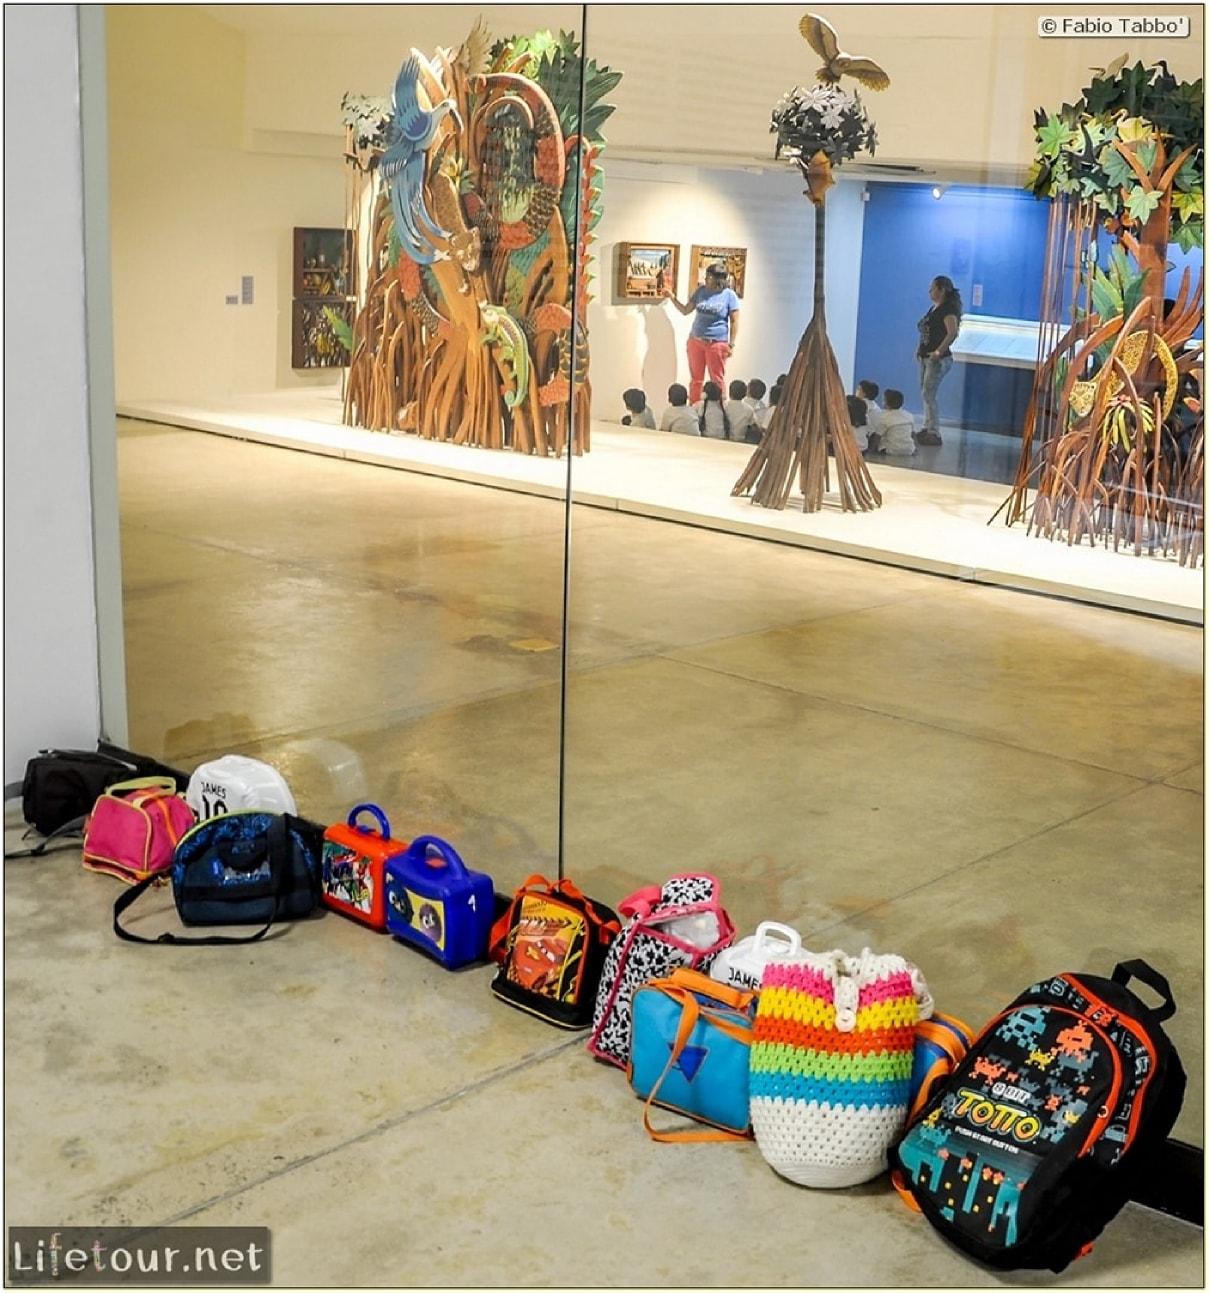 Fabio_s-LifeTour-Colombia-2015-January-February-Cali-Museo-La-Tertulia-438